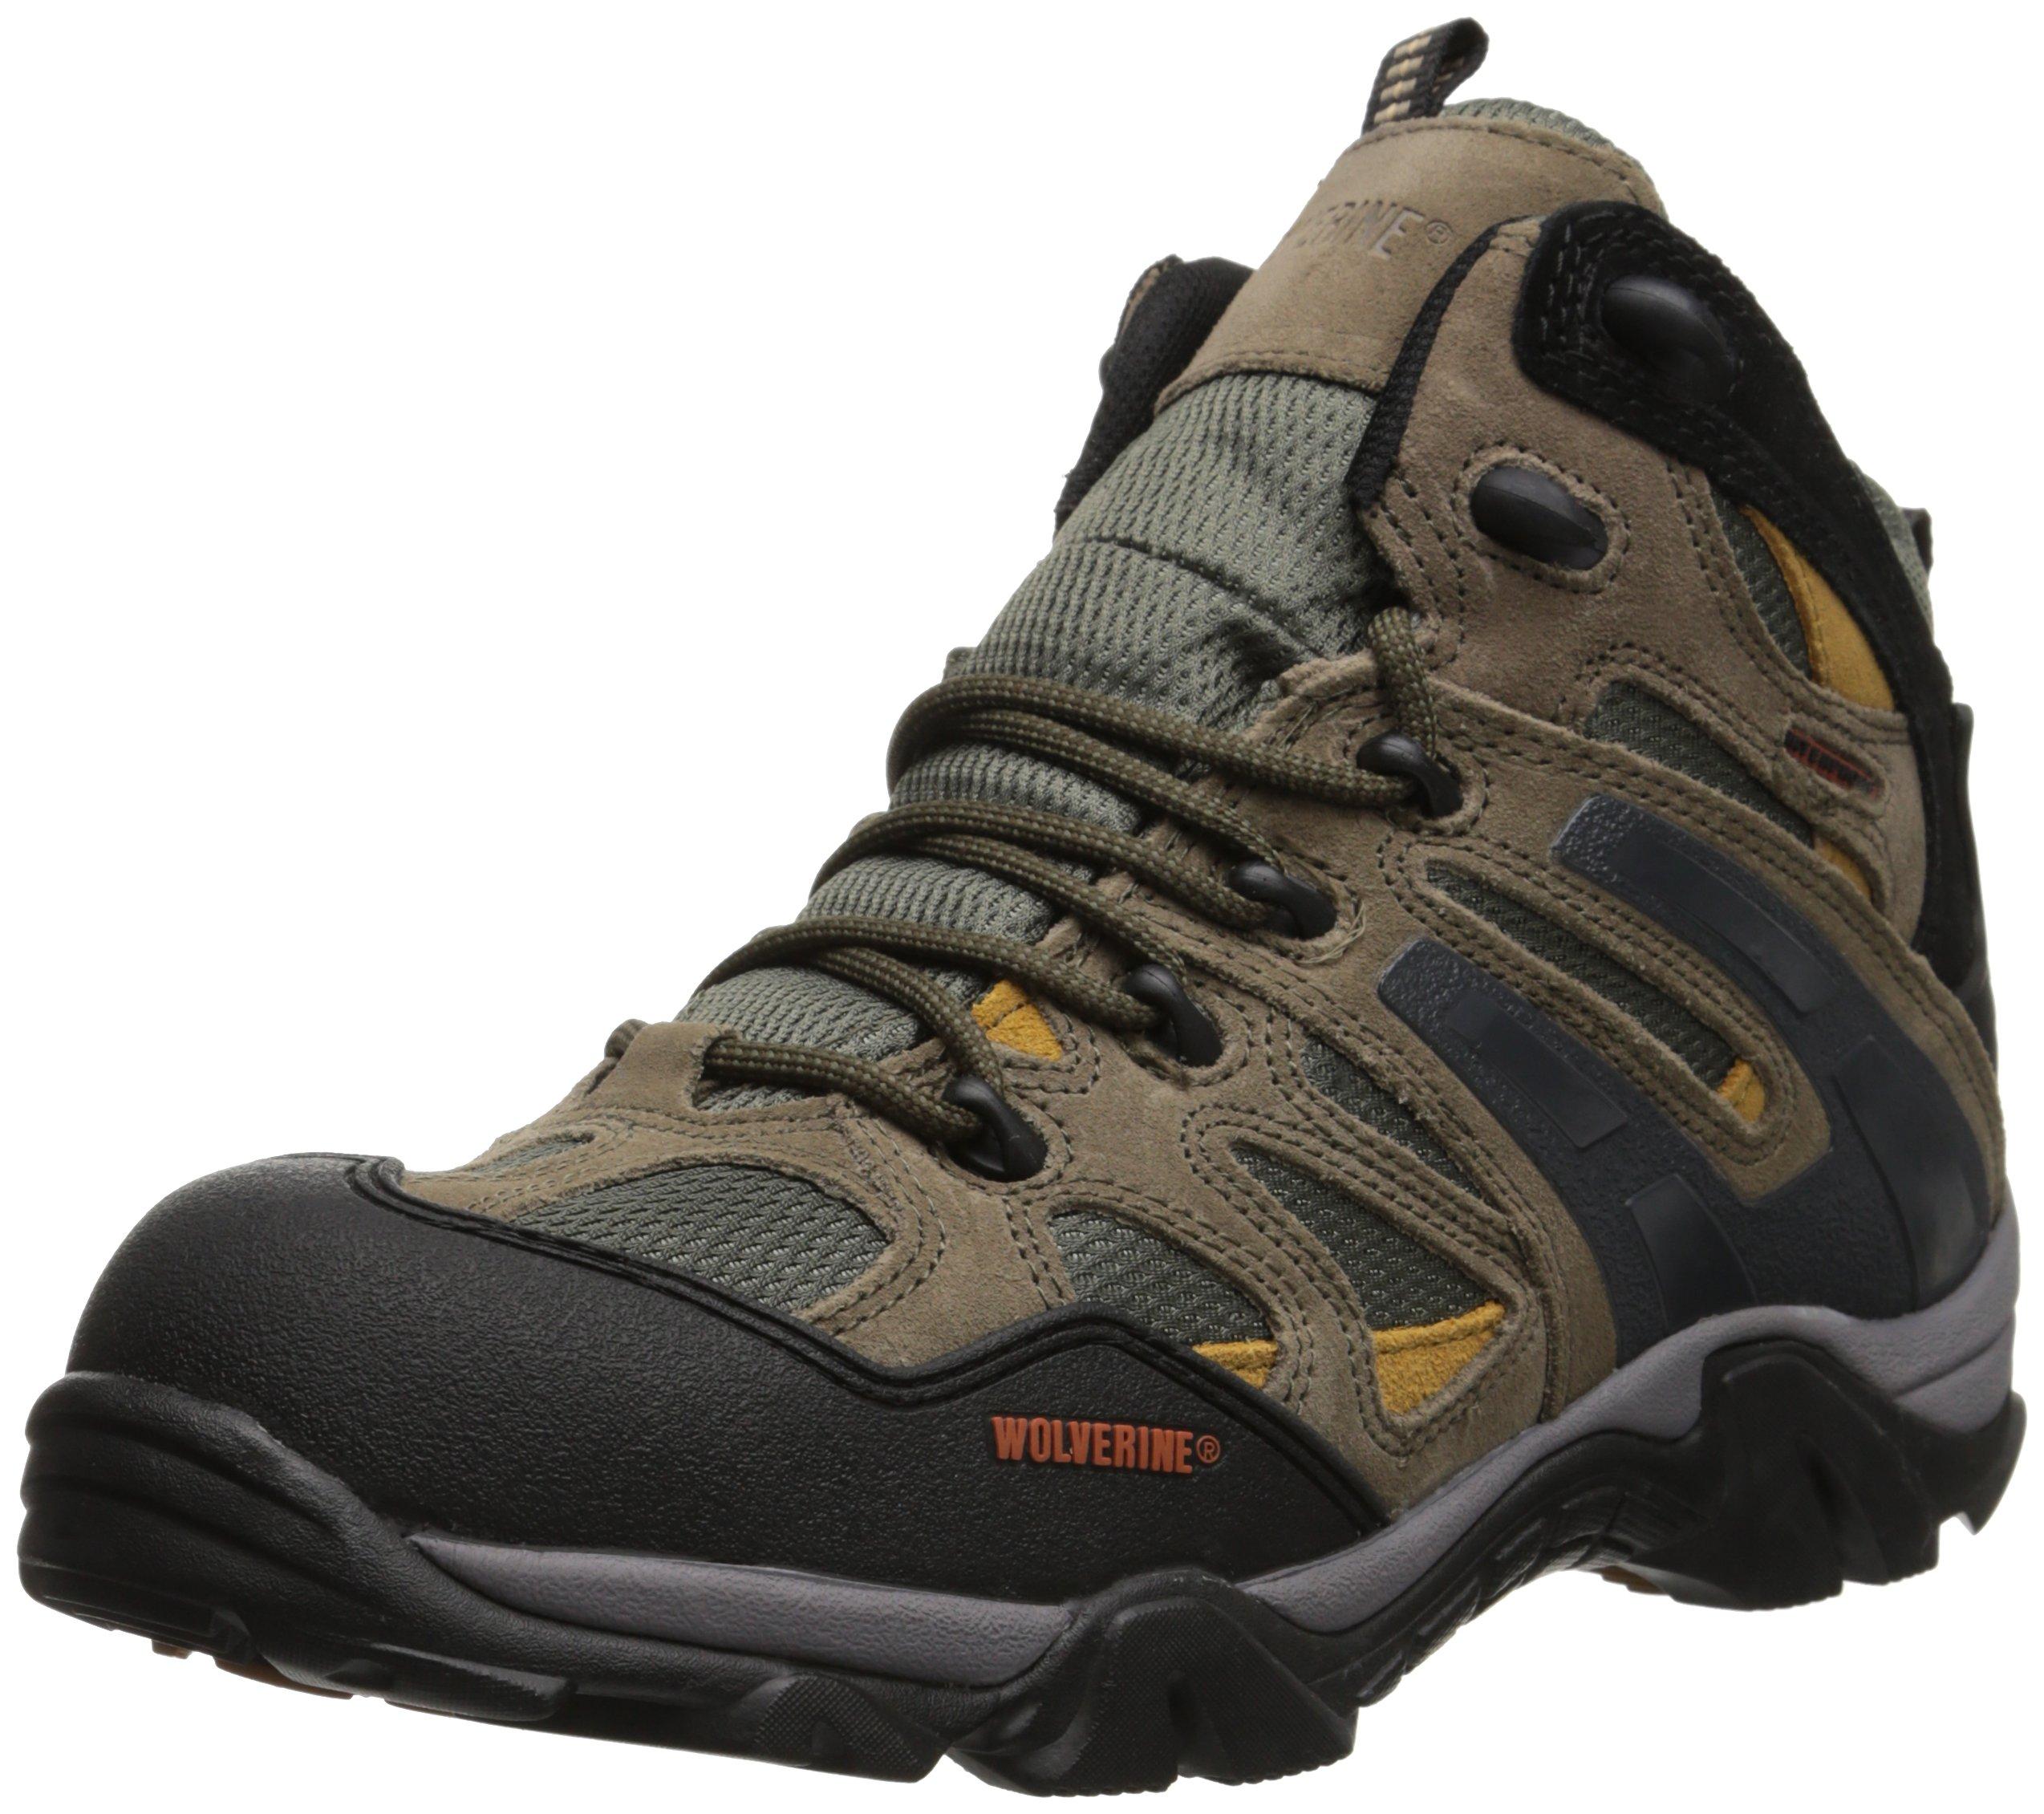 Wolverine Men's W05745 Wilderness Gunmetal Boot, Grey, 8 M US